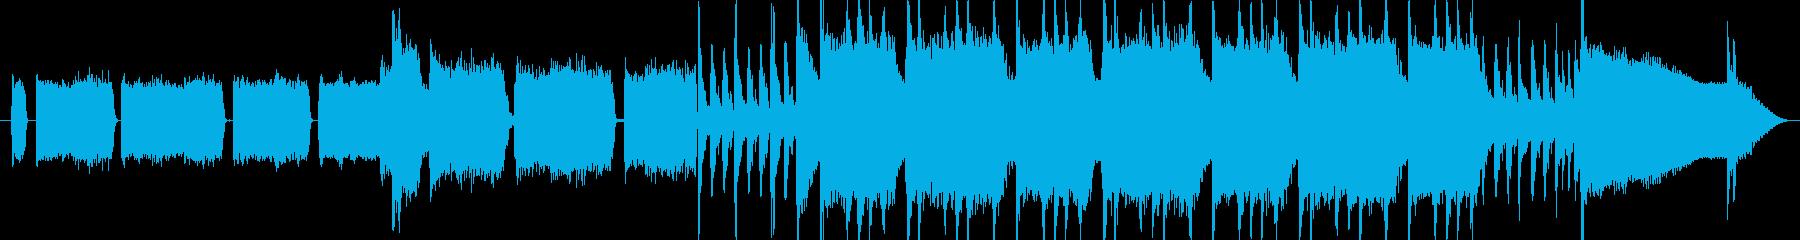 ロックテイストの明るいジングルの再生済みの波形